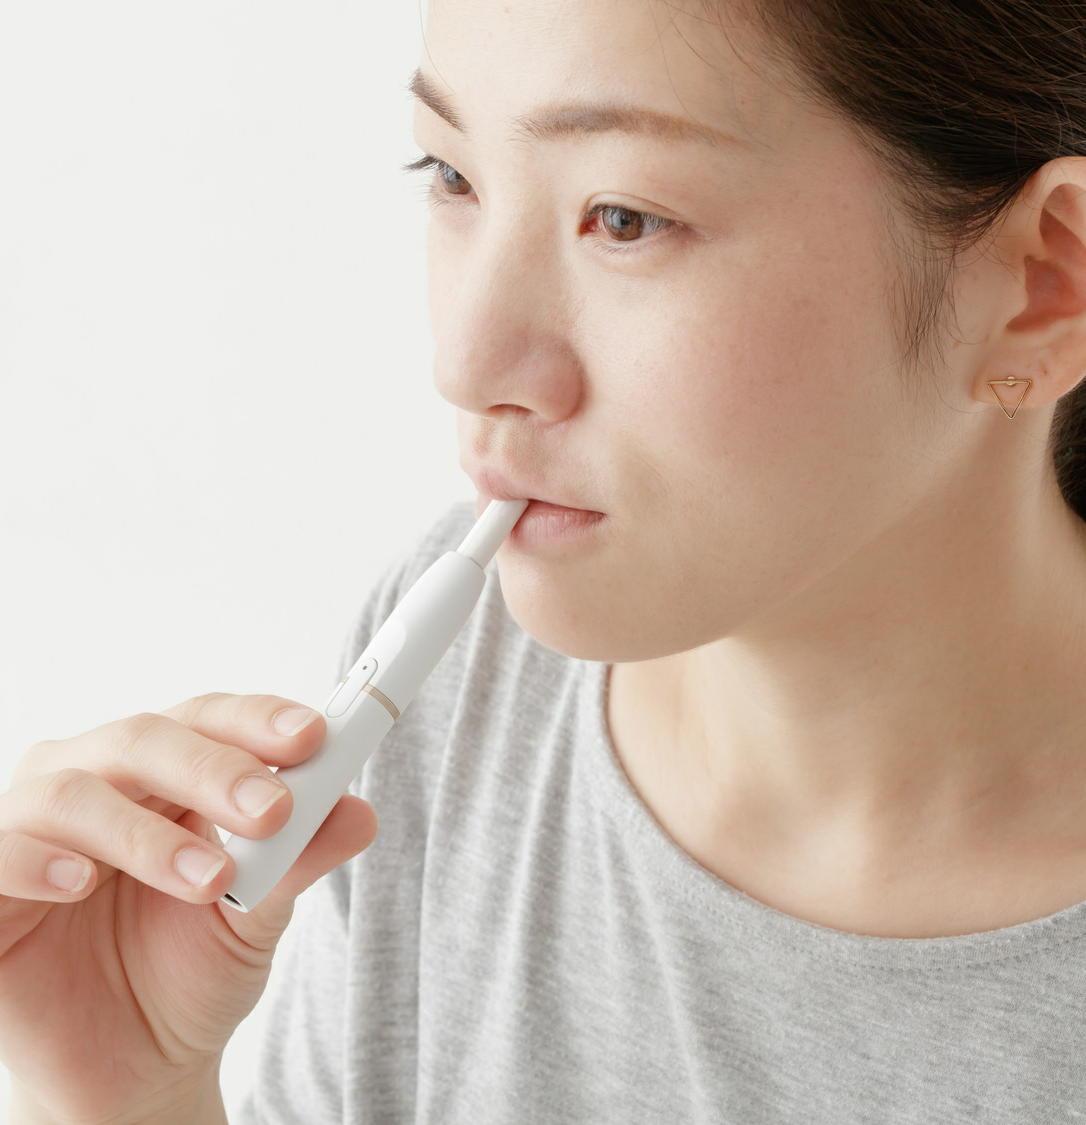 加熱式たばこも血管には有害 血管内皮機能が低下 「iQOS」で実験